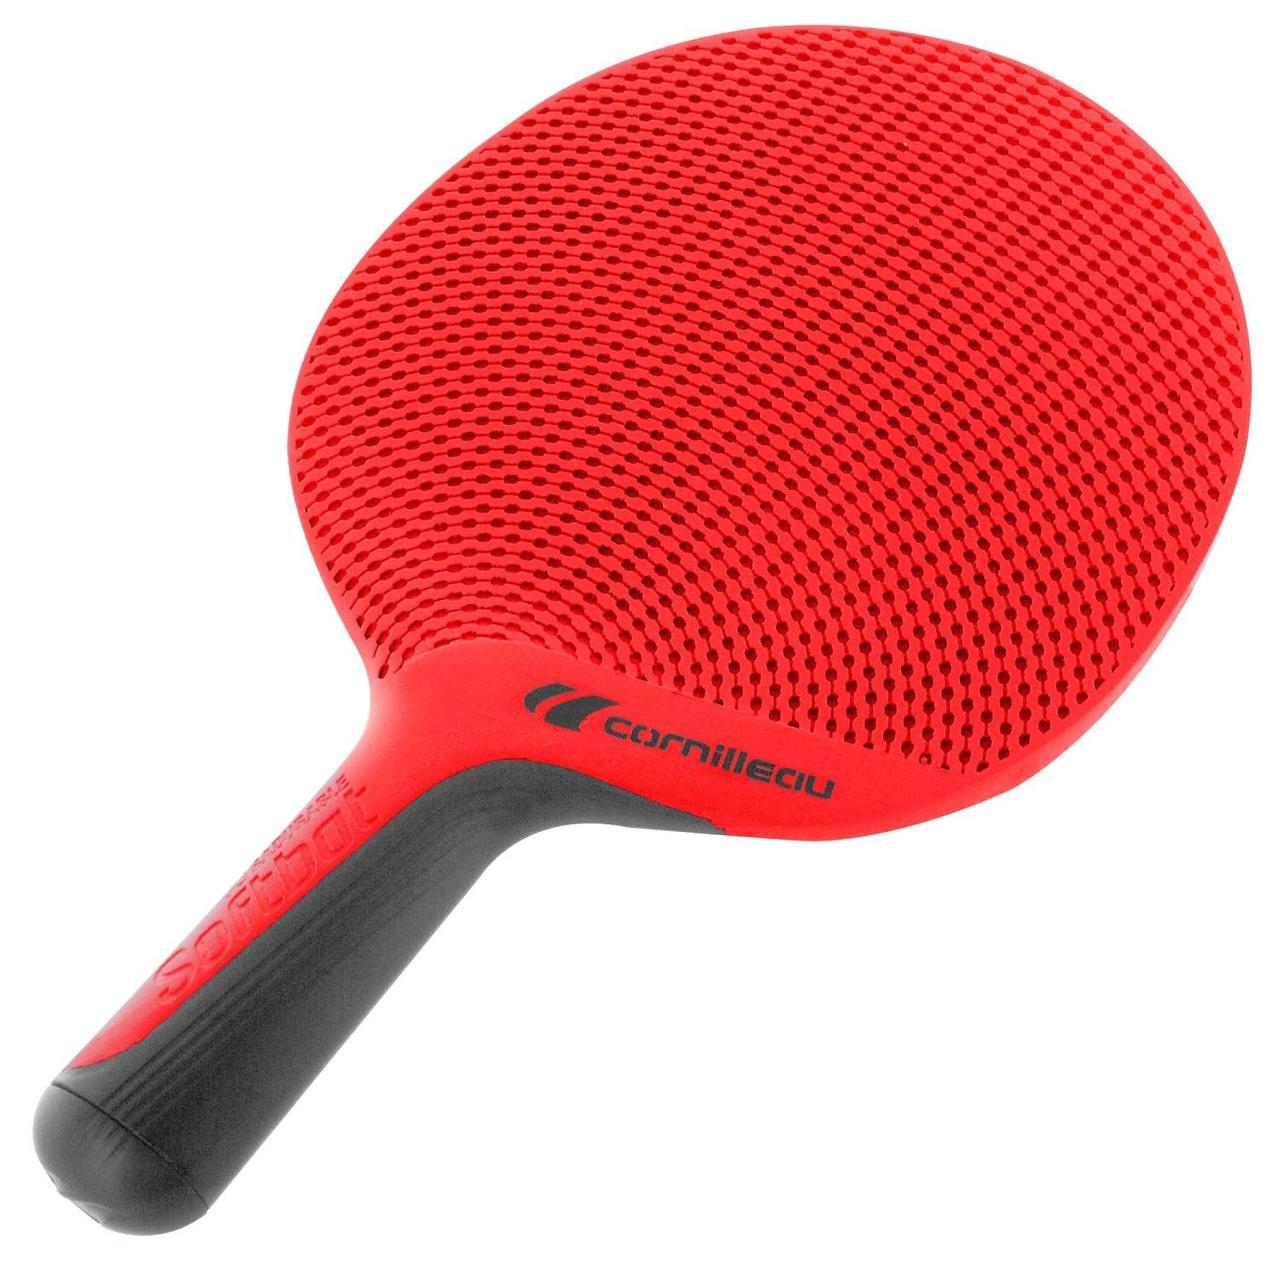 ... Ракетка для настольного тенниса Cornilleau Softbat (красная) 7ea01640f7691